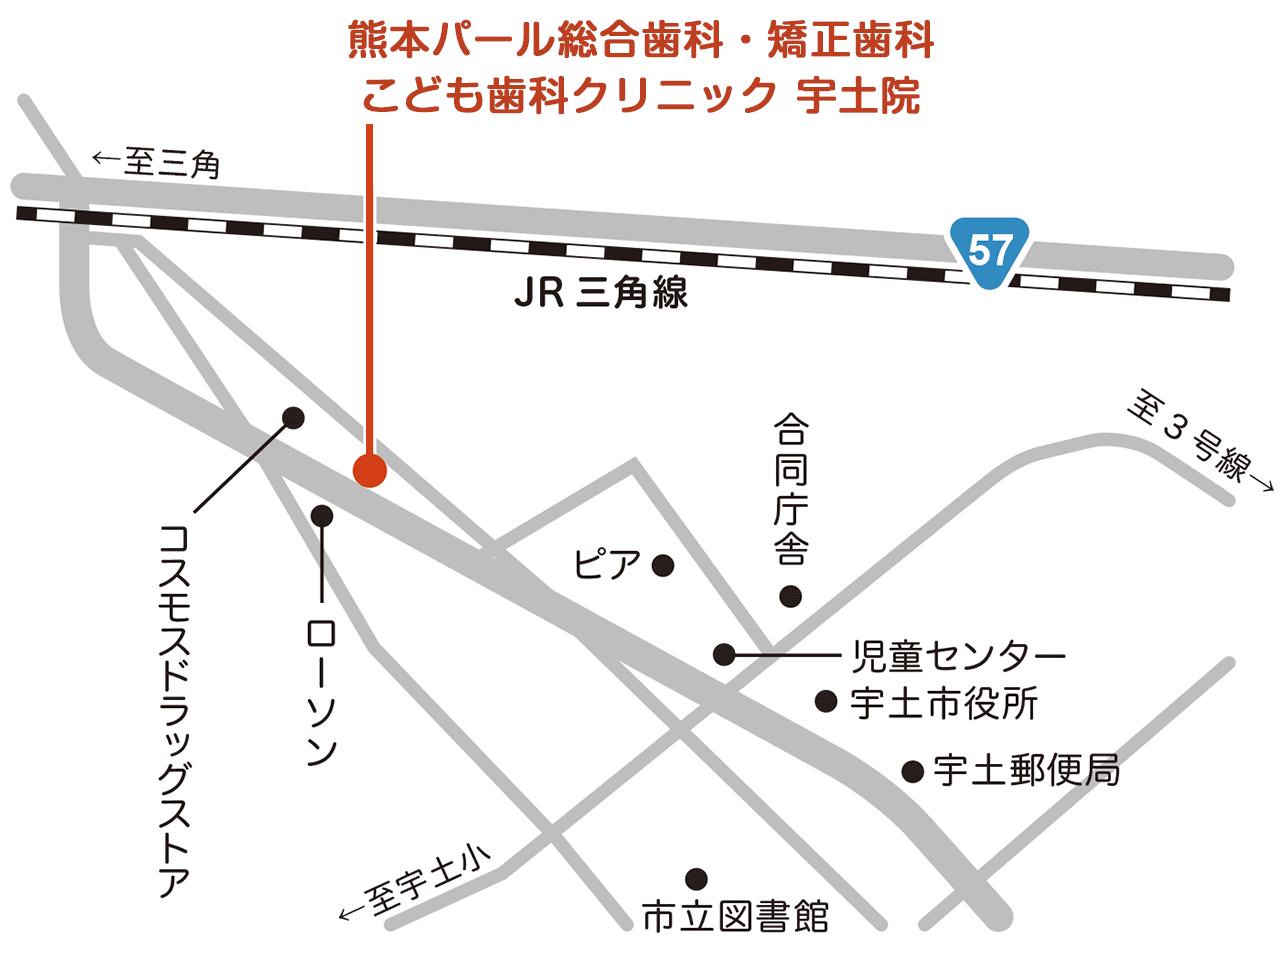 熊本パール総合歯科・矯正歯科・こども歯科クリニック宇土院へのアクセスマップ